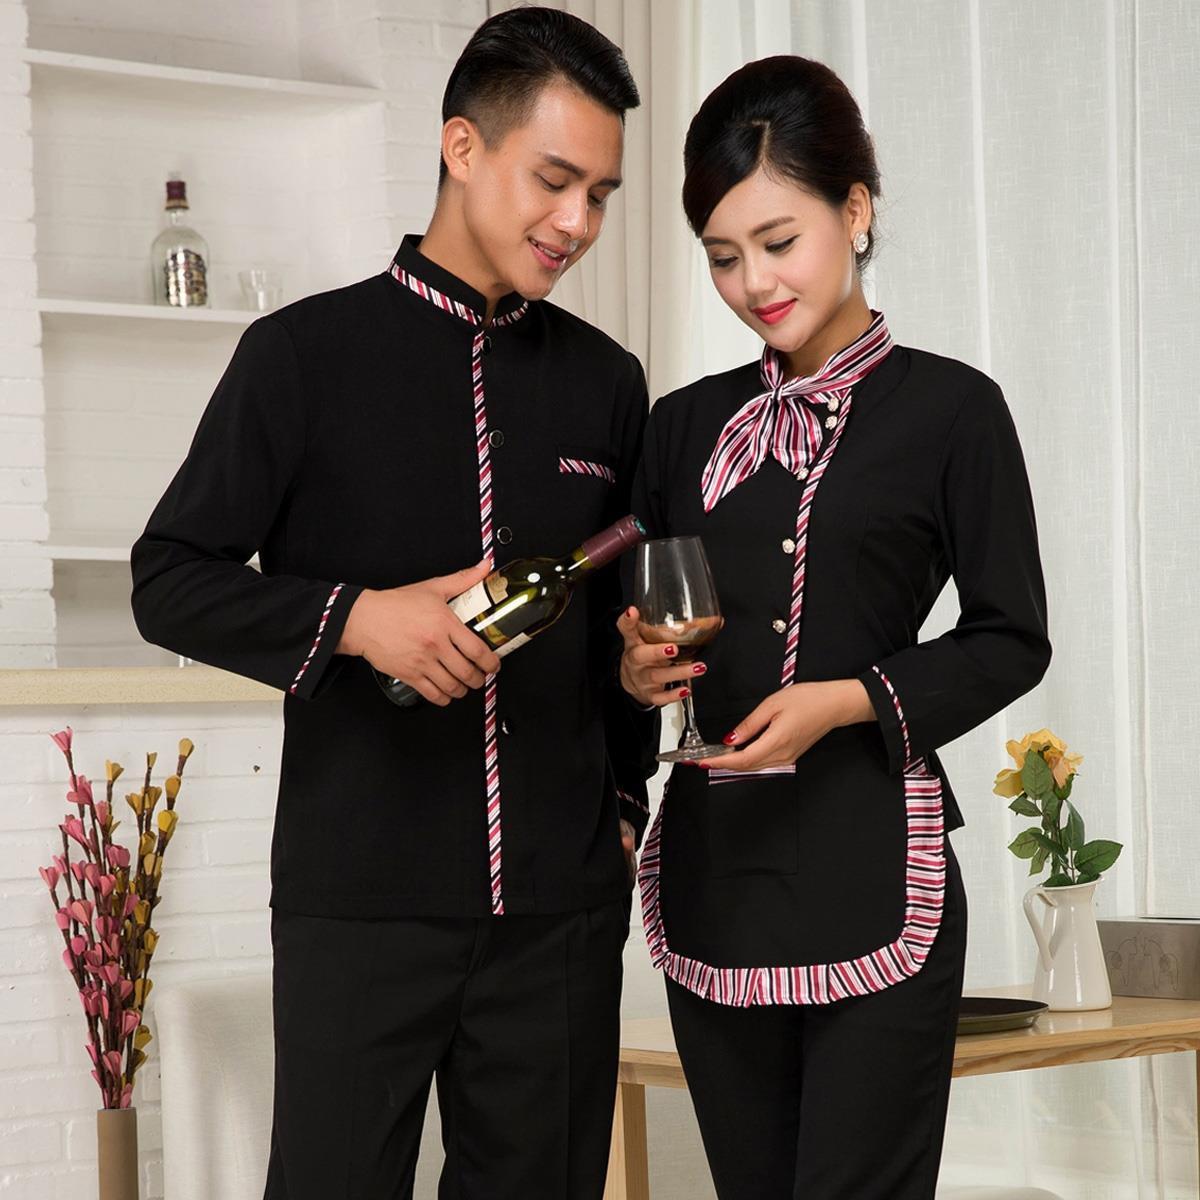 online kaufen gro handel hotel kellner kleidung aus china. Black Bedroom Furniture Sets. Home Design Ideas